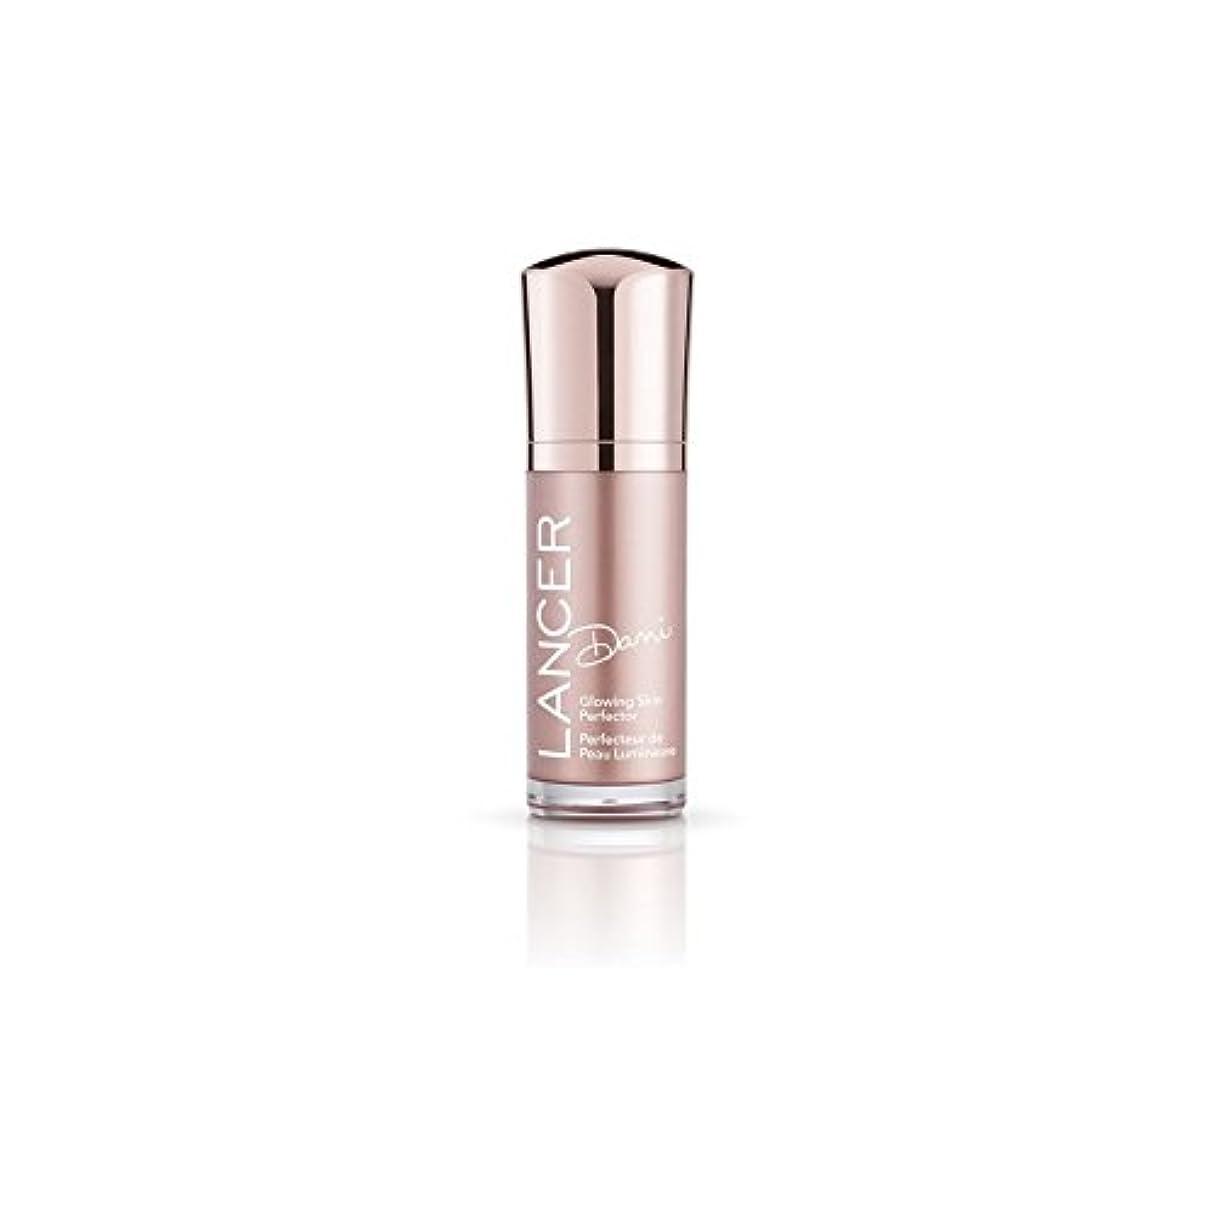 トリクル百科事典重量スキンパーフェク輝くランサースキンケアダニ(30ミリリットル) x4 - Lancer Skincare Dani Glowing Skin Perfector (30ml) (Pack of 4) [並行輸入品]